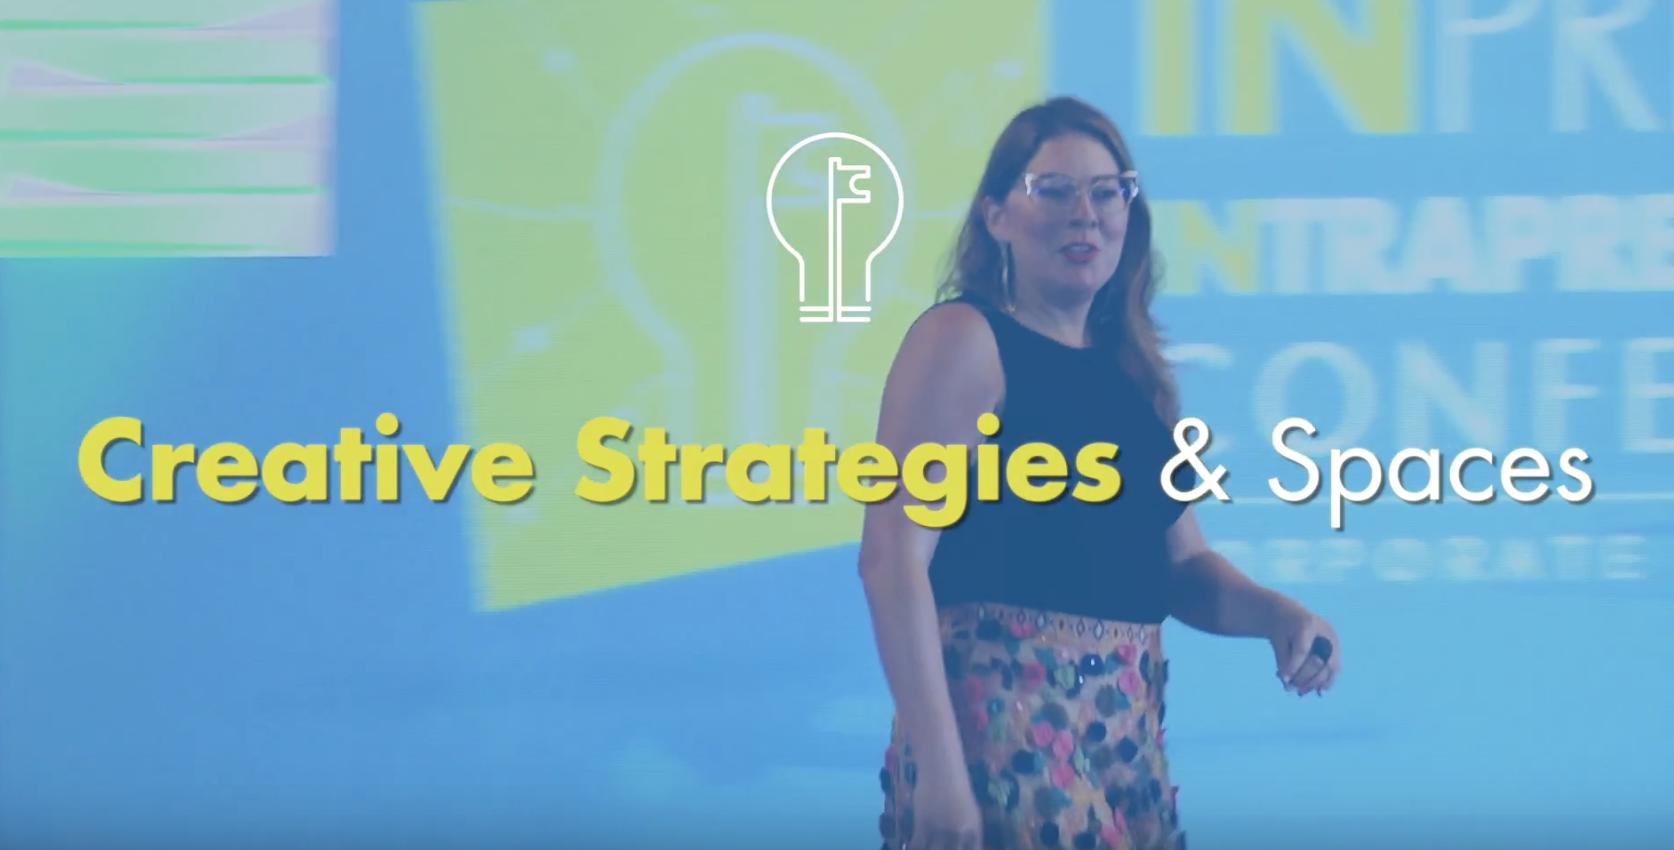 Conferencia: Creative Strategies & Spaces